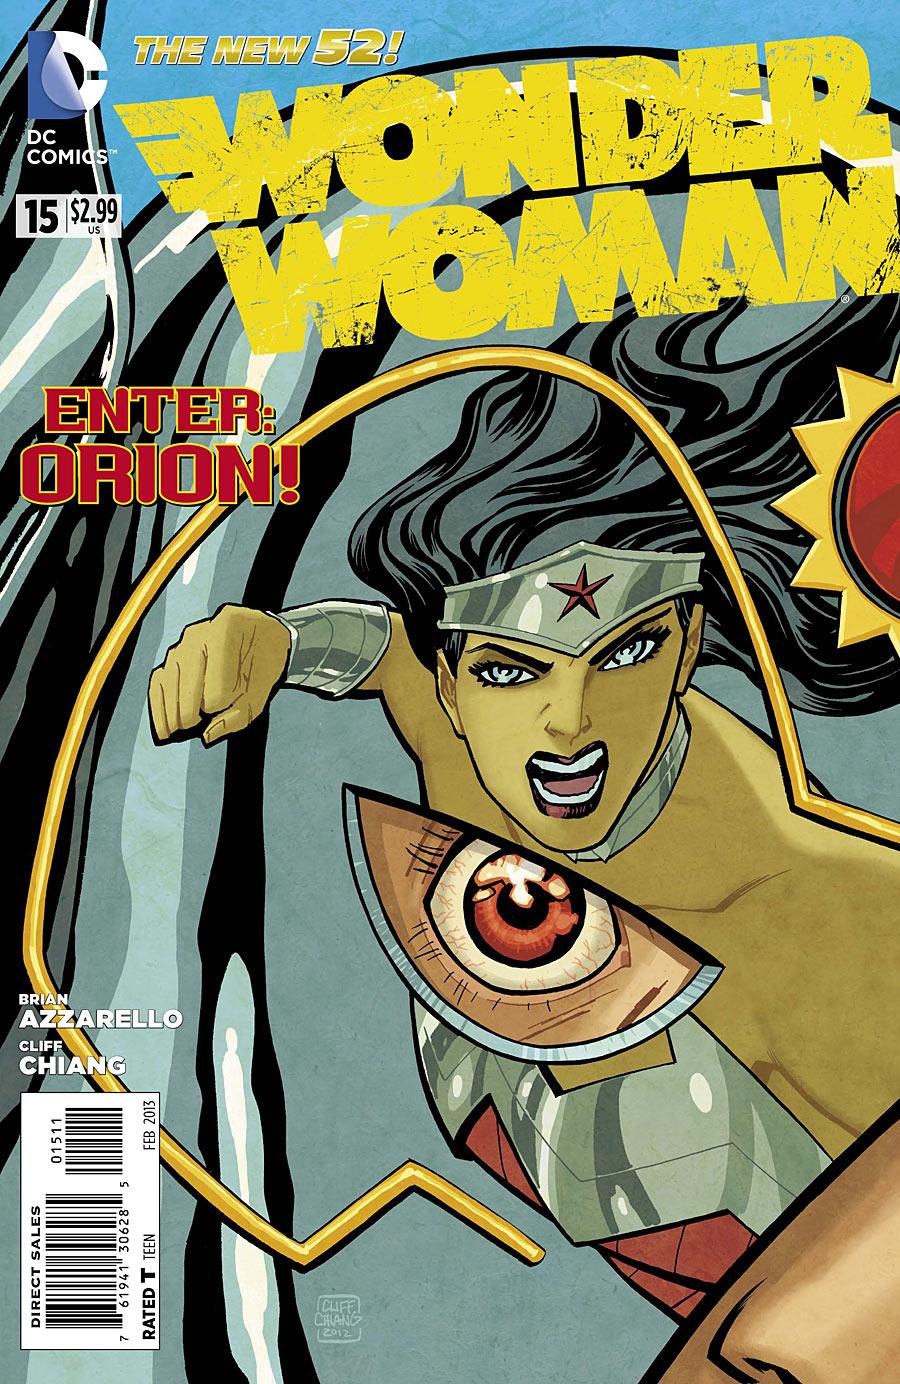 Wonder Woman 15 C Wonder Woman #15 Review